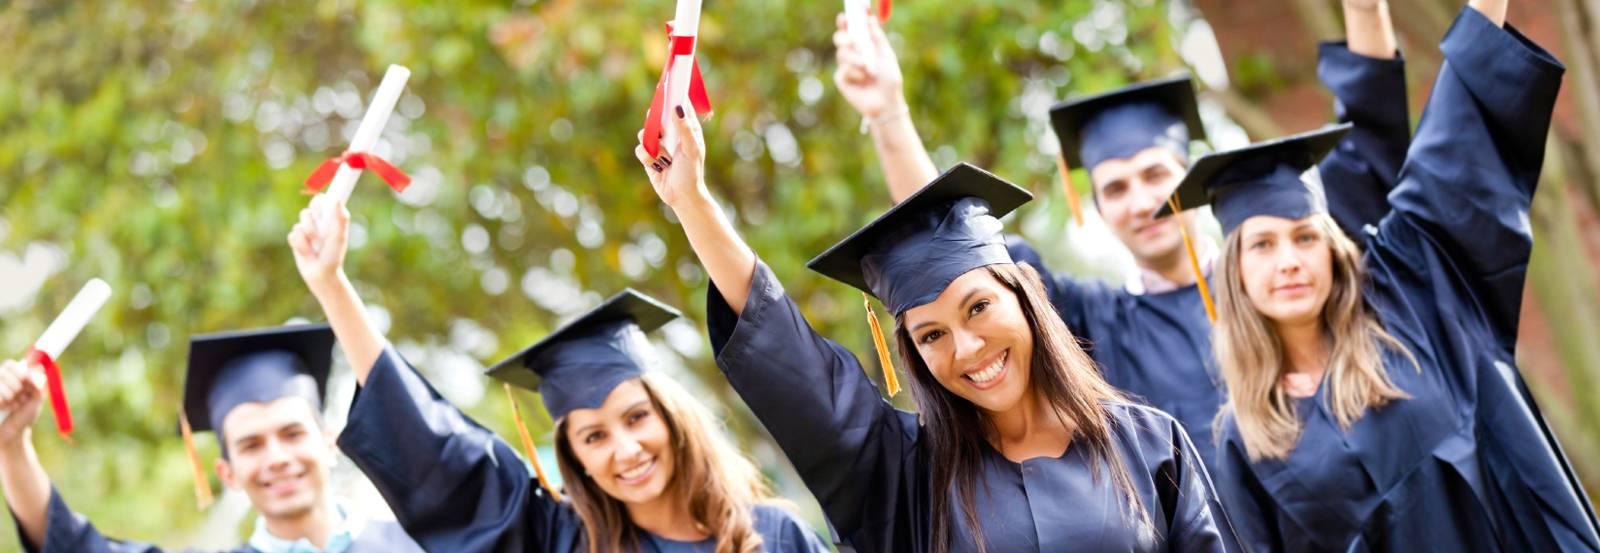 Образование в канаде | цены на обучение в школах и вузах канады, изучение английского языка | компания itec - среднее и высшее образование для русских